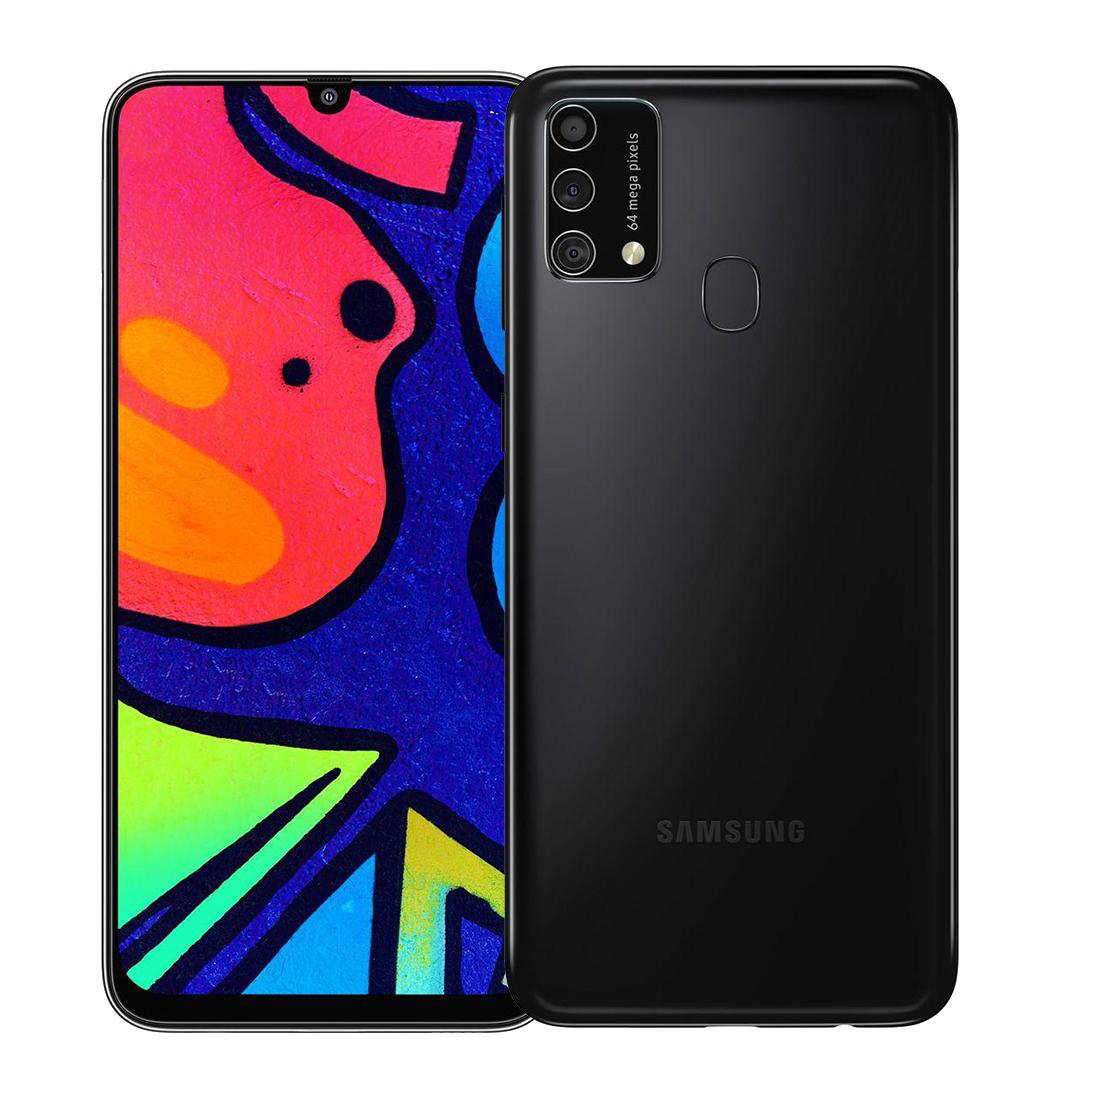 Comparativo: Samsung Galaxy M21s ou M51; qual é o melhor?